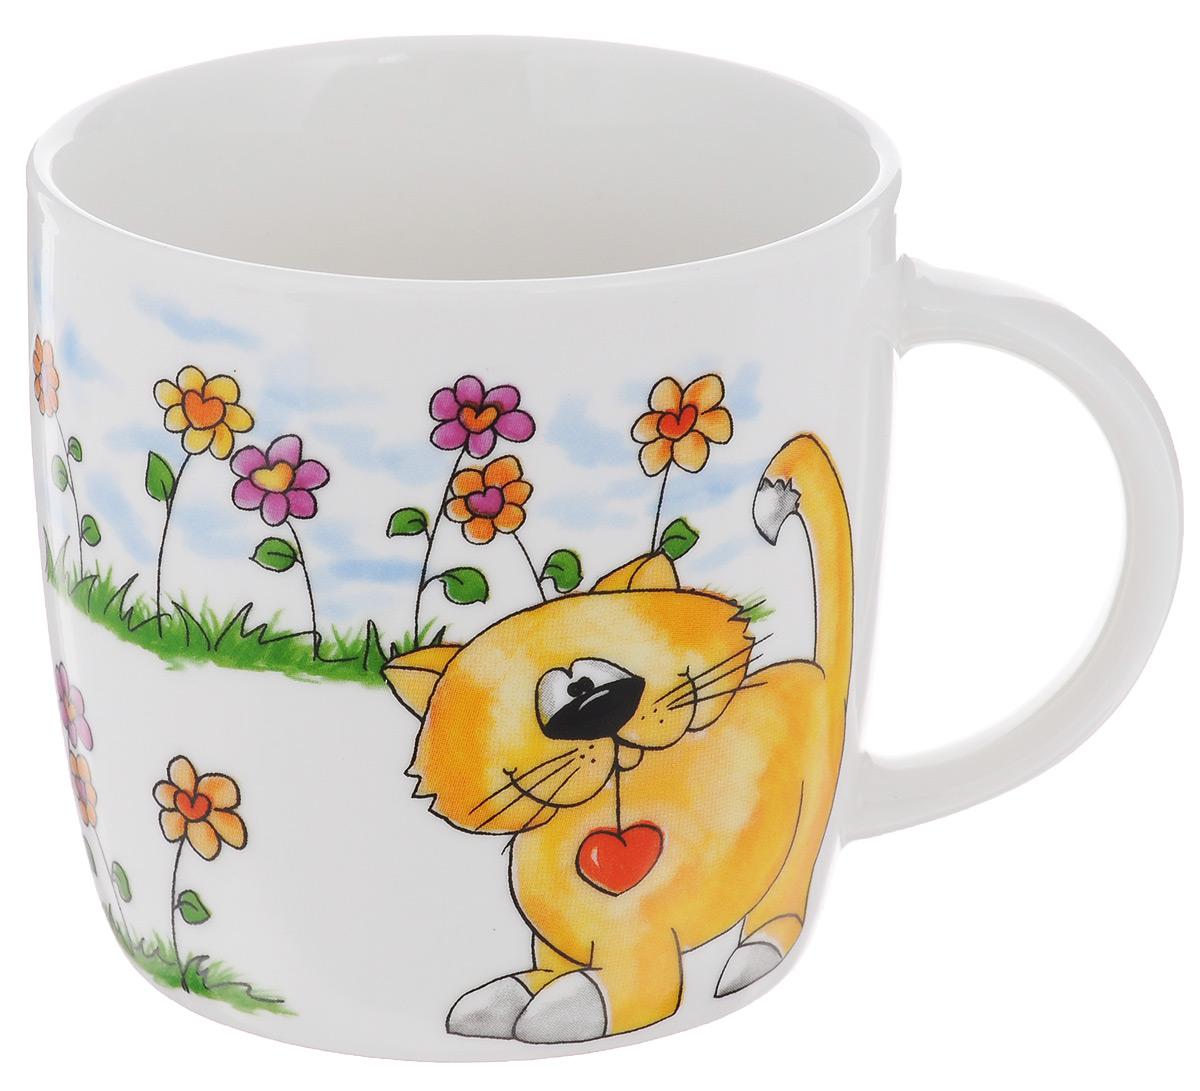 Кружка Elan Gallery Оранжевый кот, цвет: белый, зеленый, оранжевый, 250 мл кружки elan gallery кружка 5000 рублей